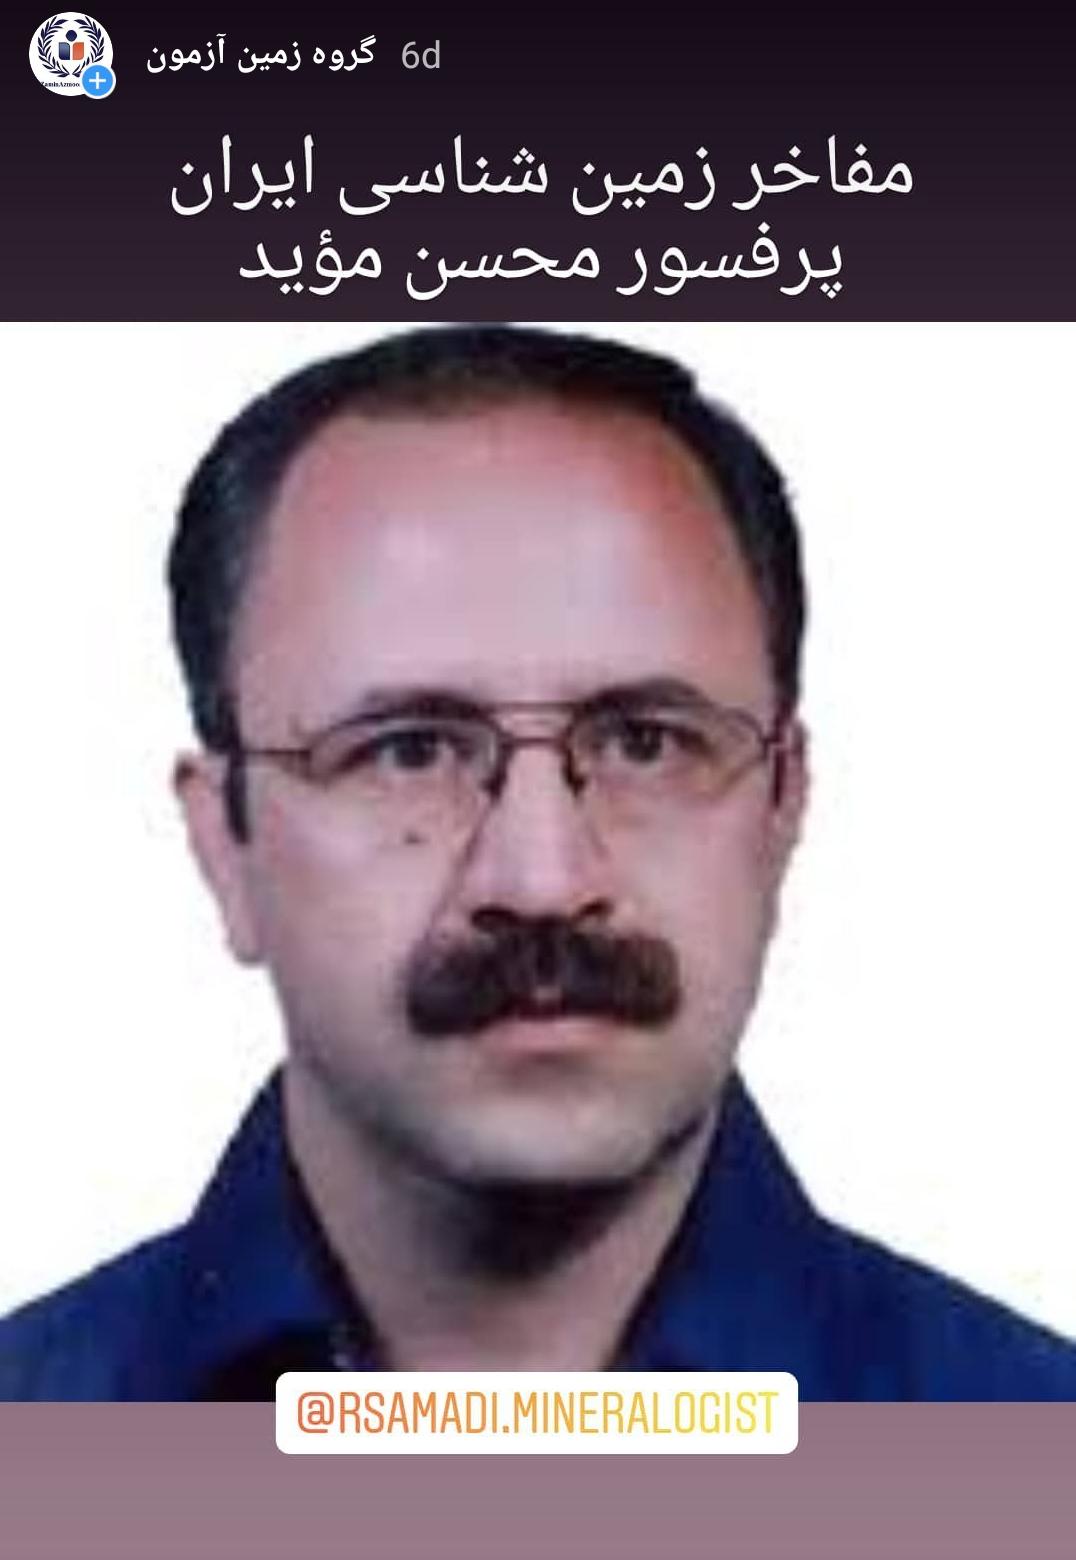 دکتر محسن مؤید